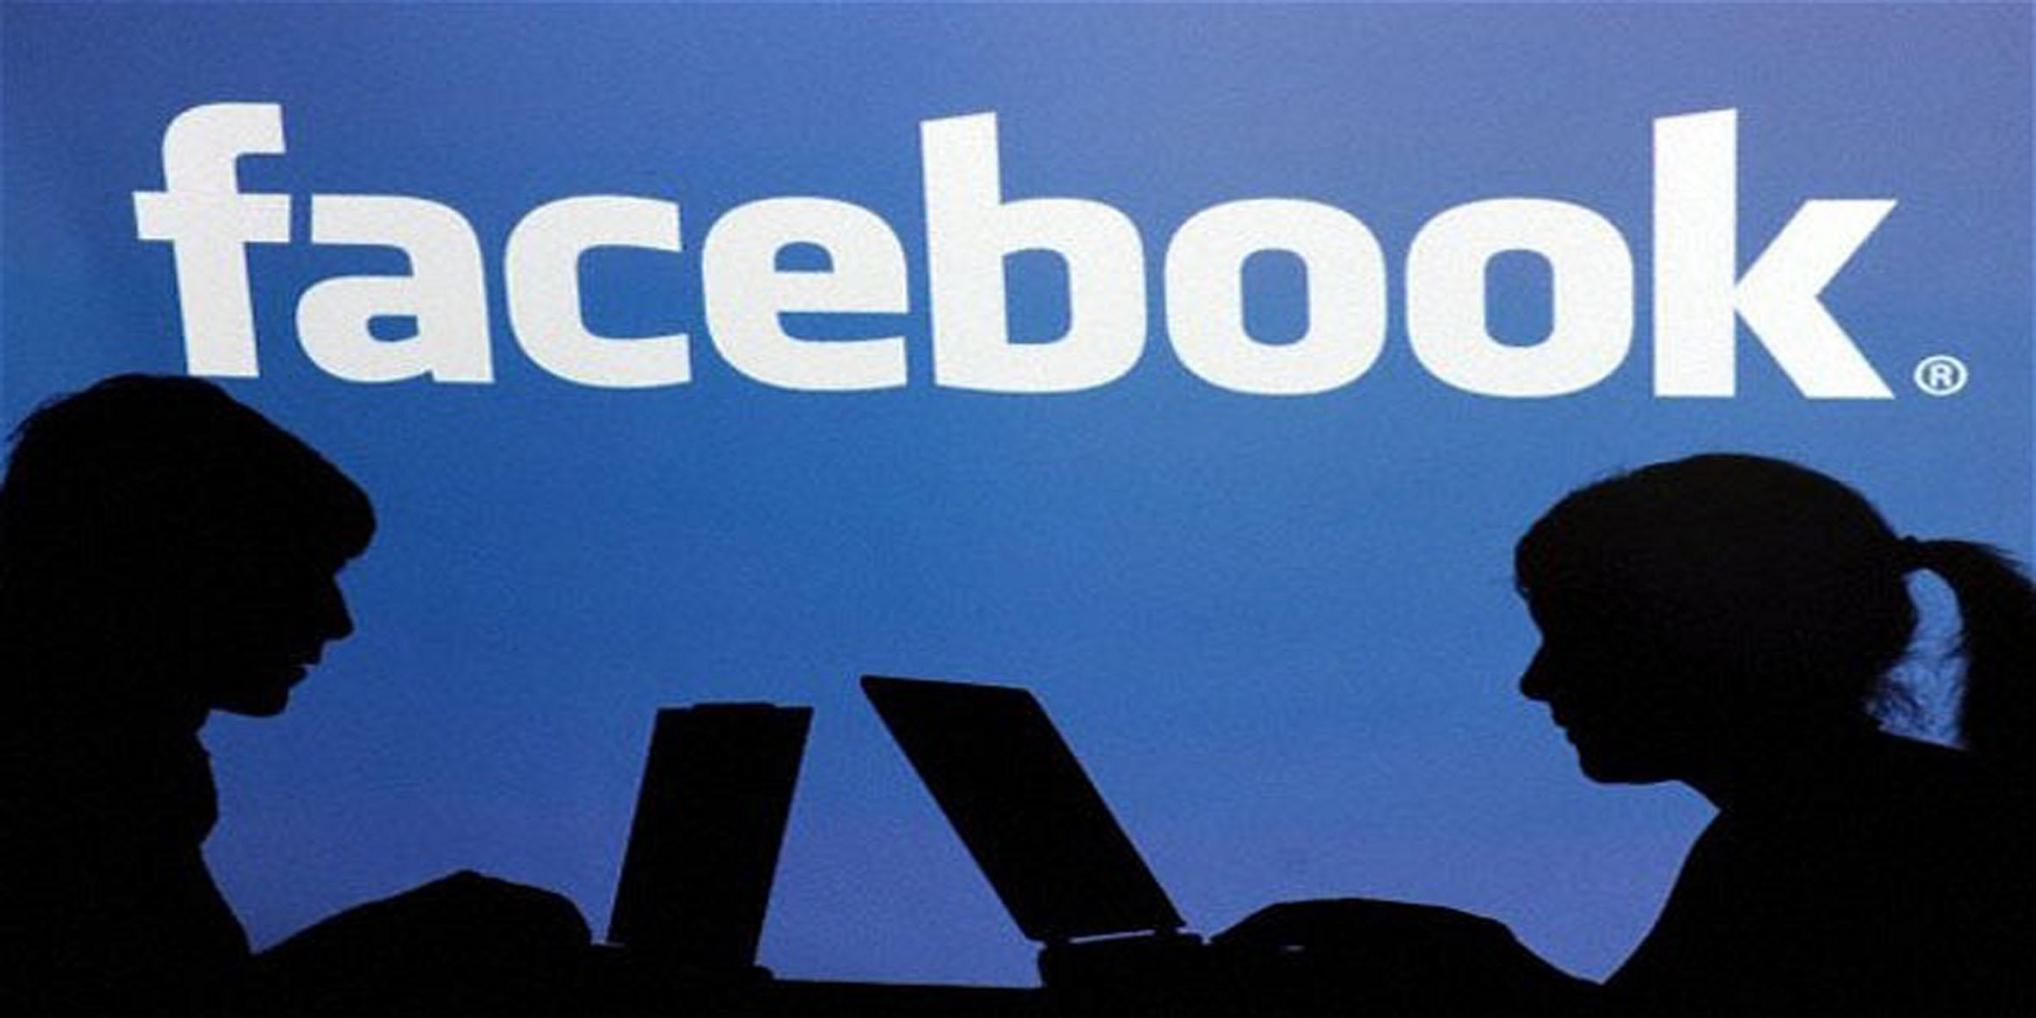 صفحات فيسبوك تحصل على محرك بحث خاص بها